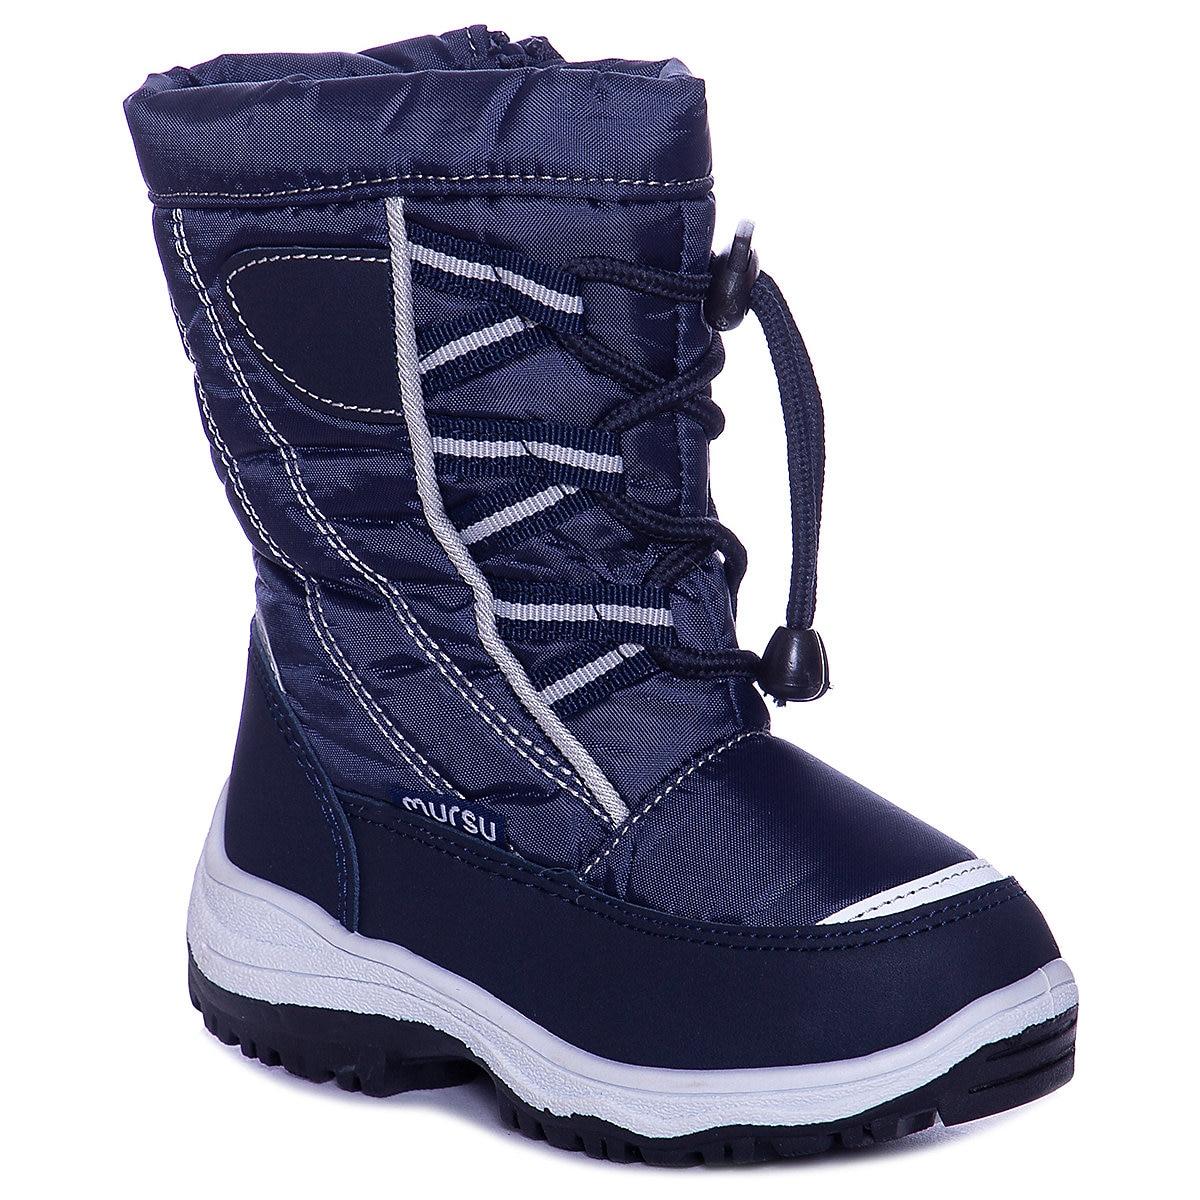 MTpromo MURSU 8739429 Botas de Lã De Inverno Meninos crianças sapatos menino